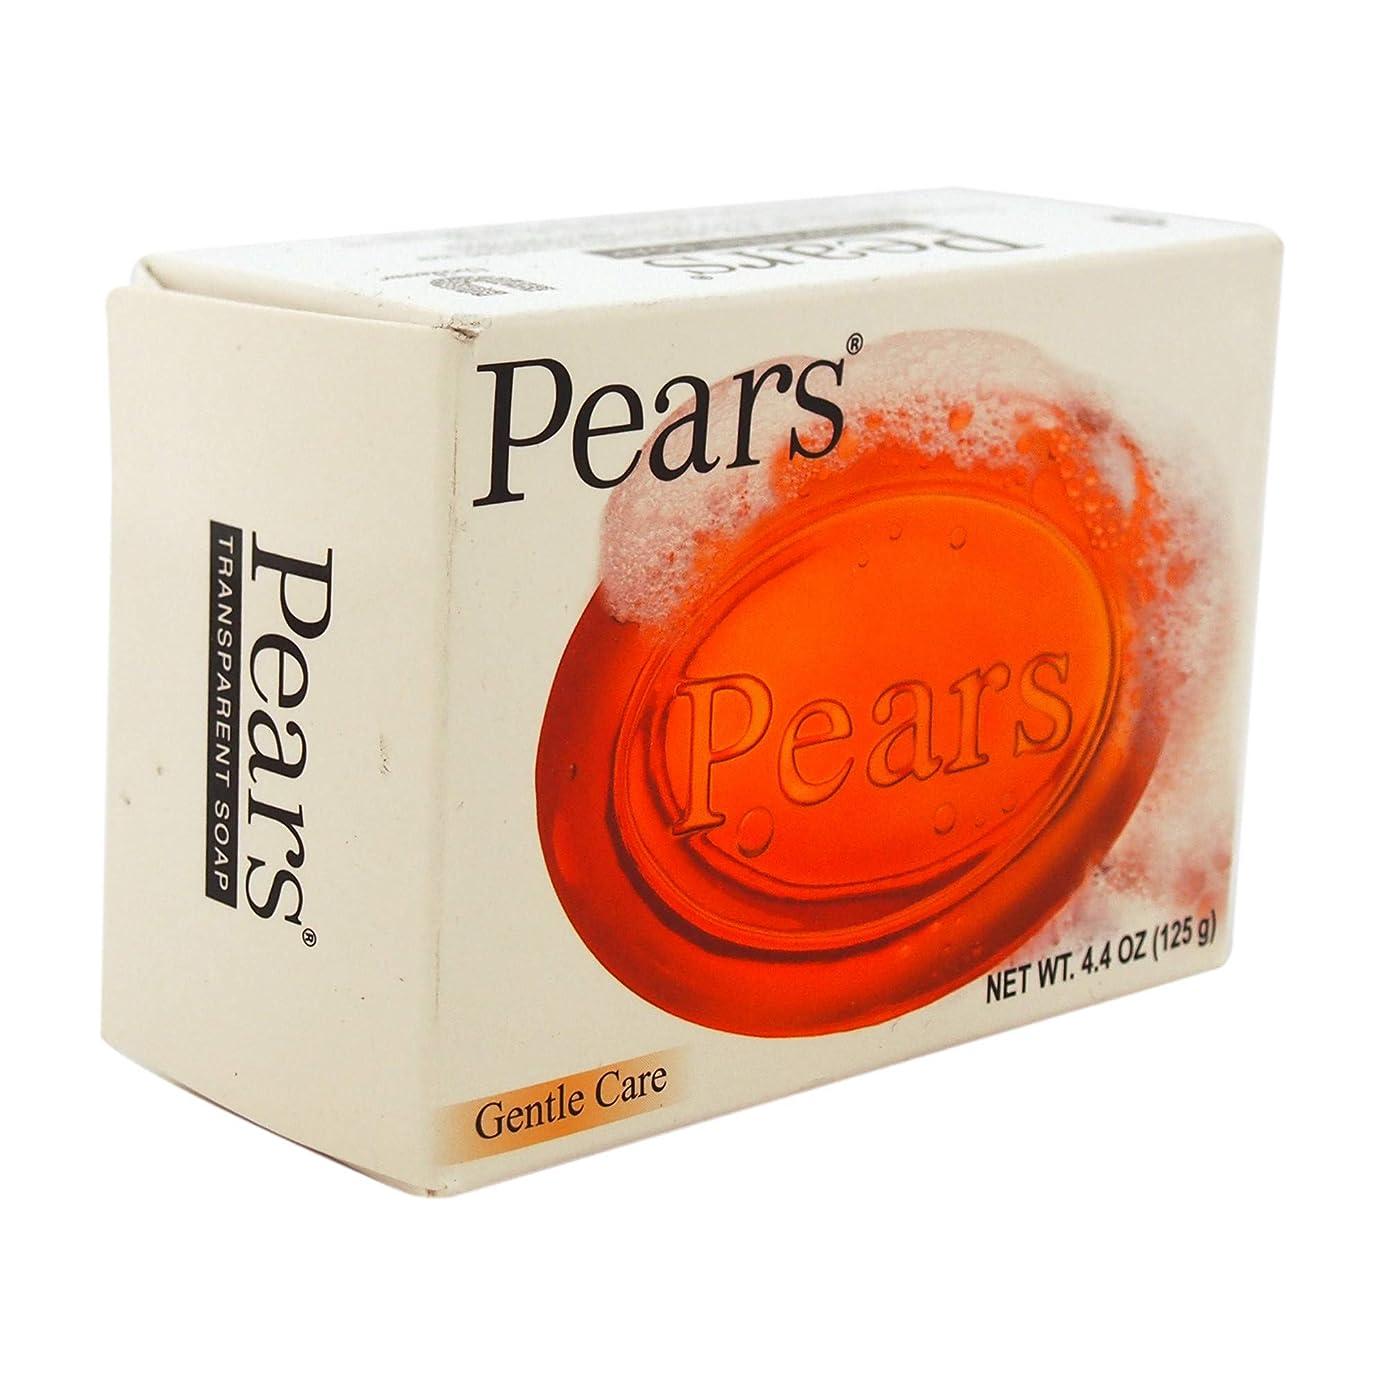 ケージ青写真調子Pears ソープジェントルケア透明4.4オズ(5パック) 5パック